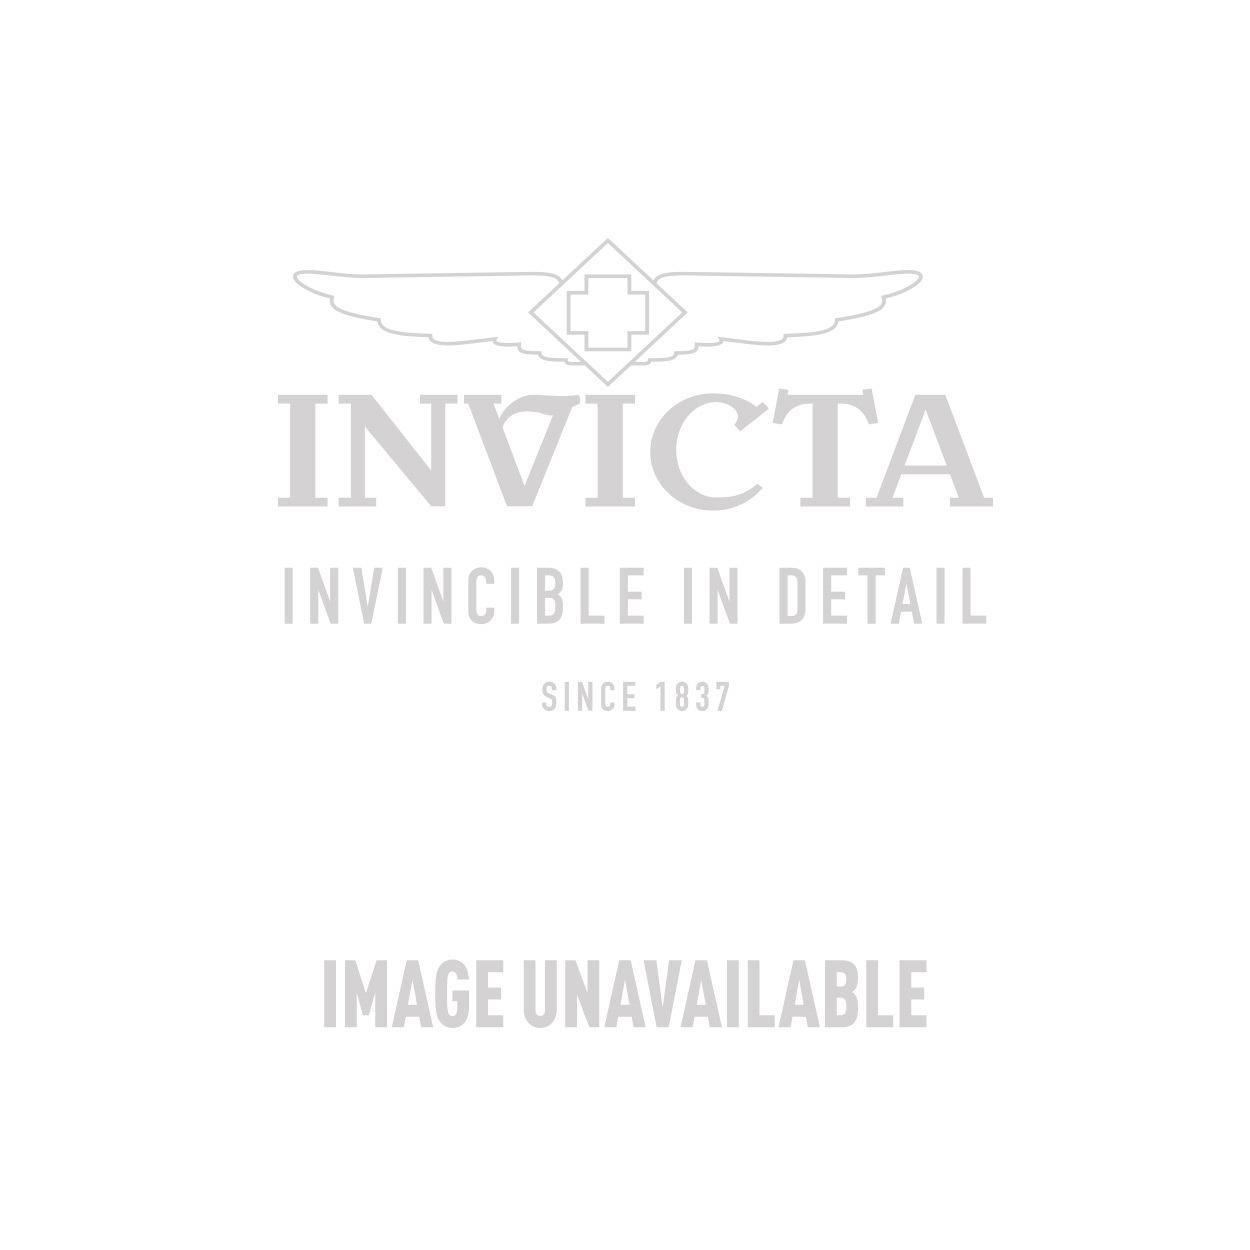 Invicta Model 28051